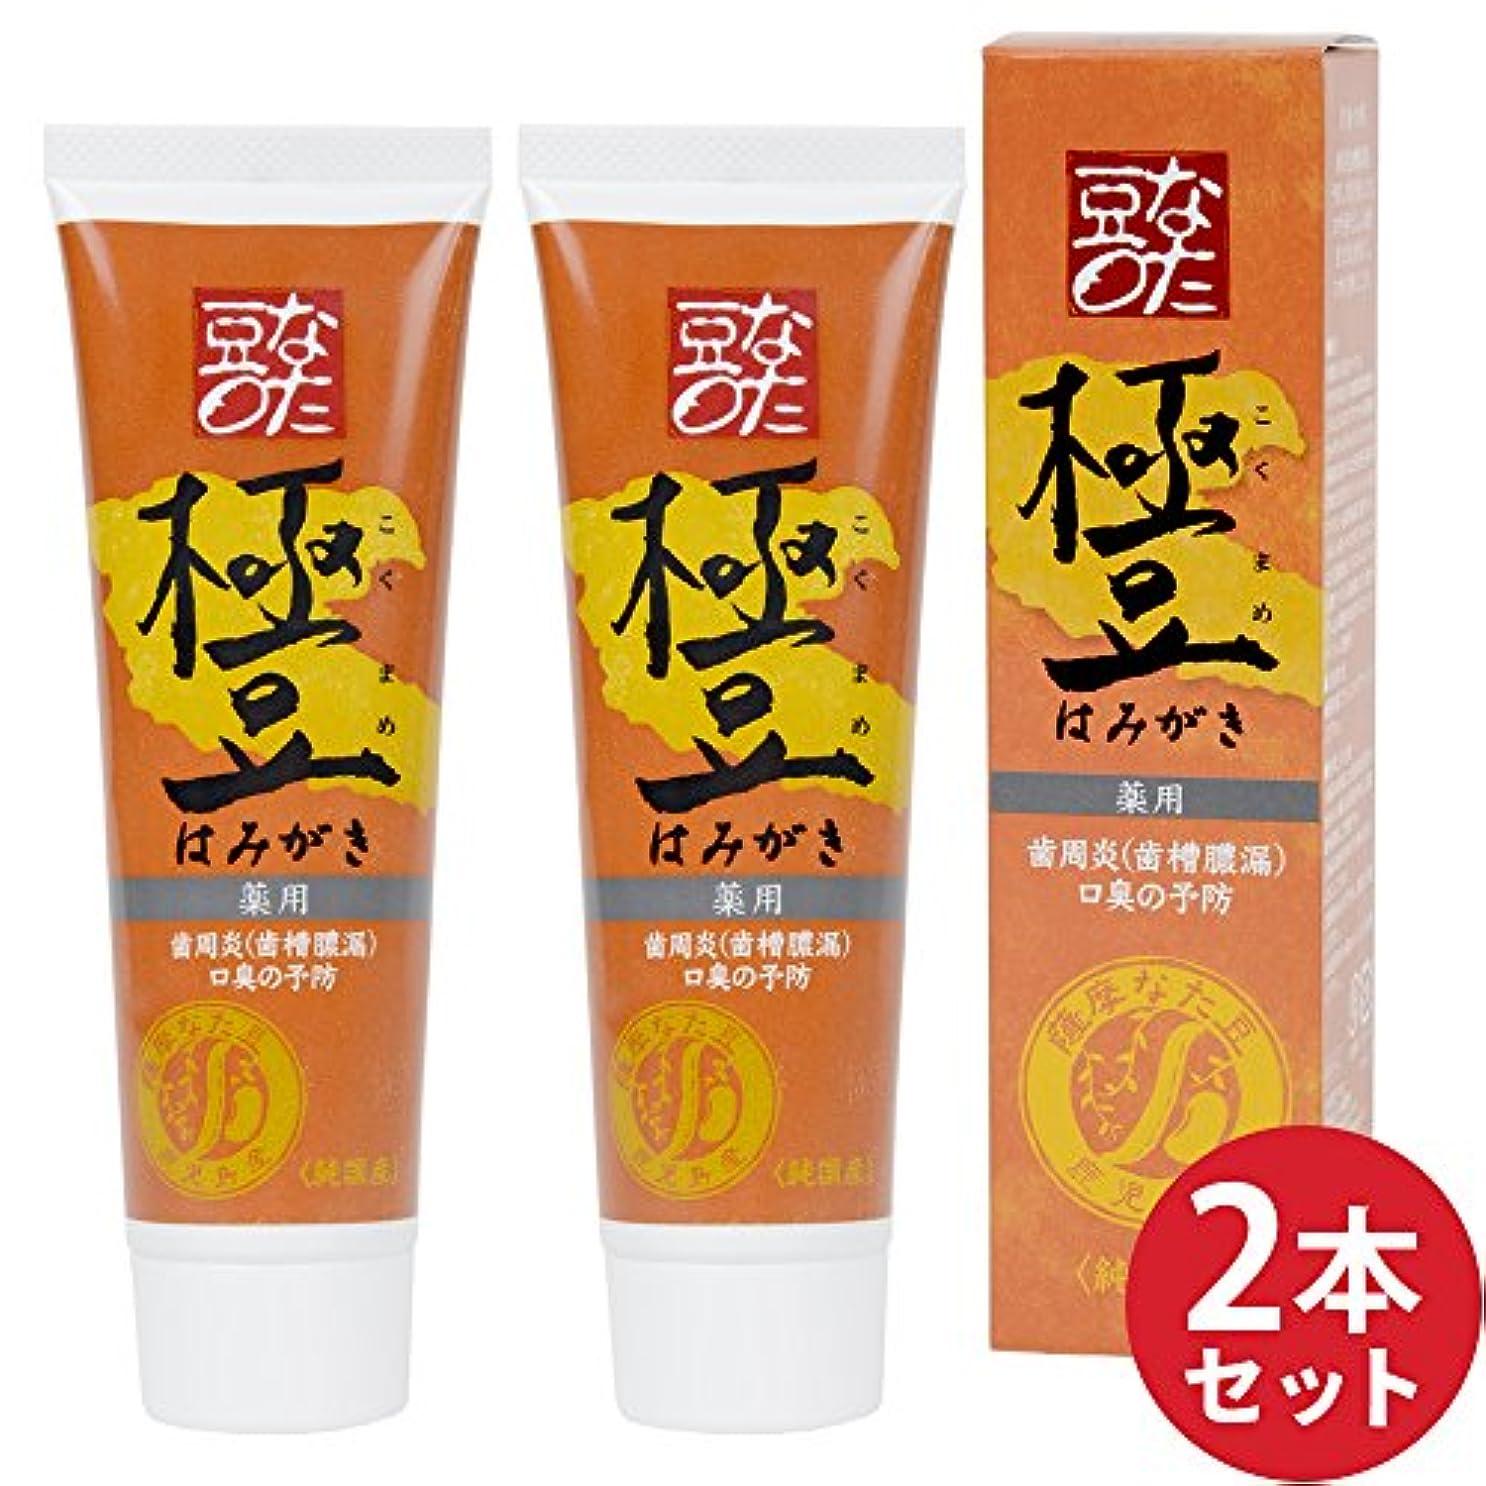 待つ幅皮2本セット【薬用】薩摩なた豆歯磨き(内容量:110g×2)